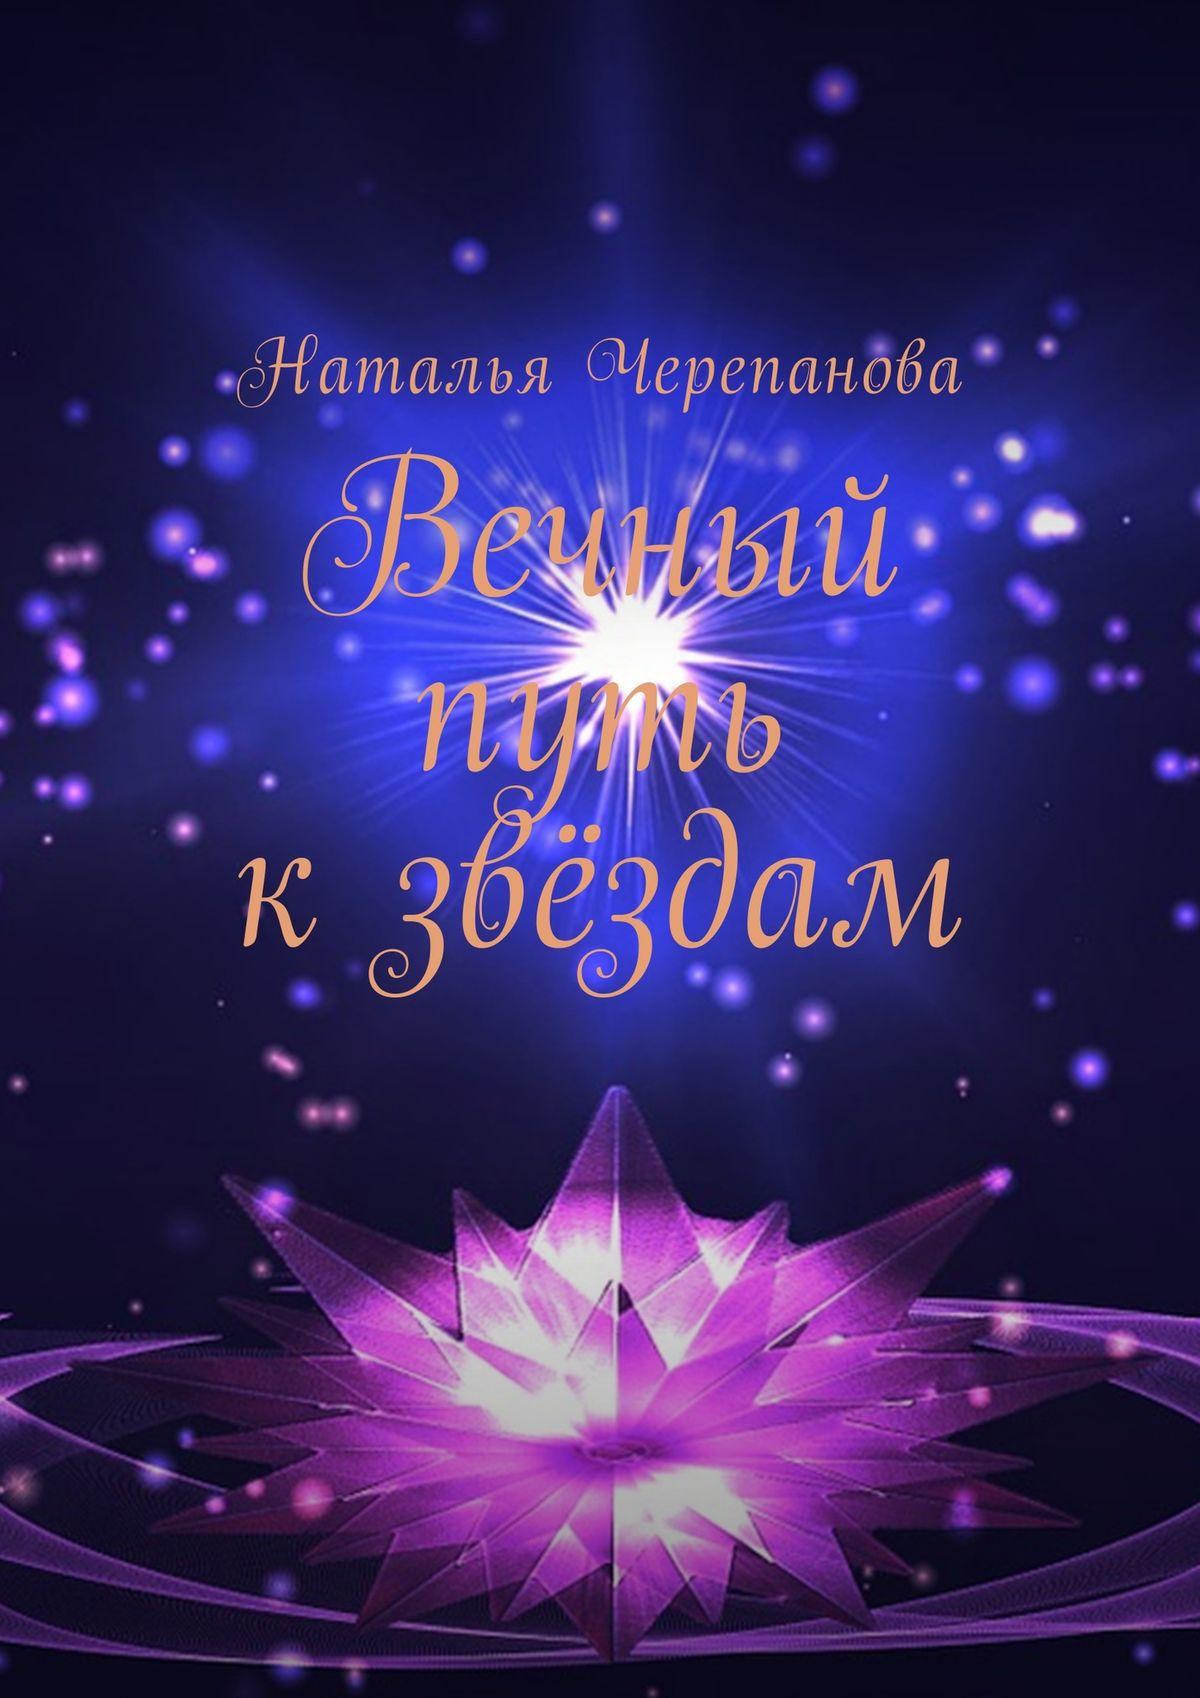 Наталья Черепанова Вечный путь кзвёздам женя маркер курсанты путь кзвёздам